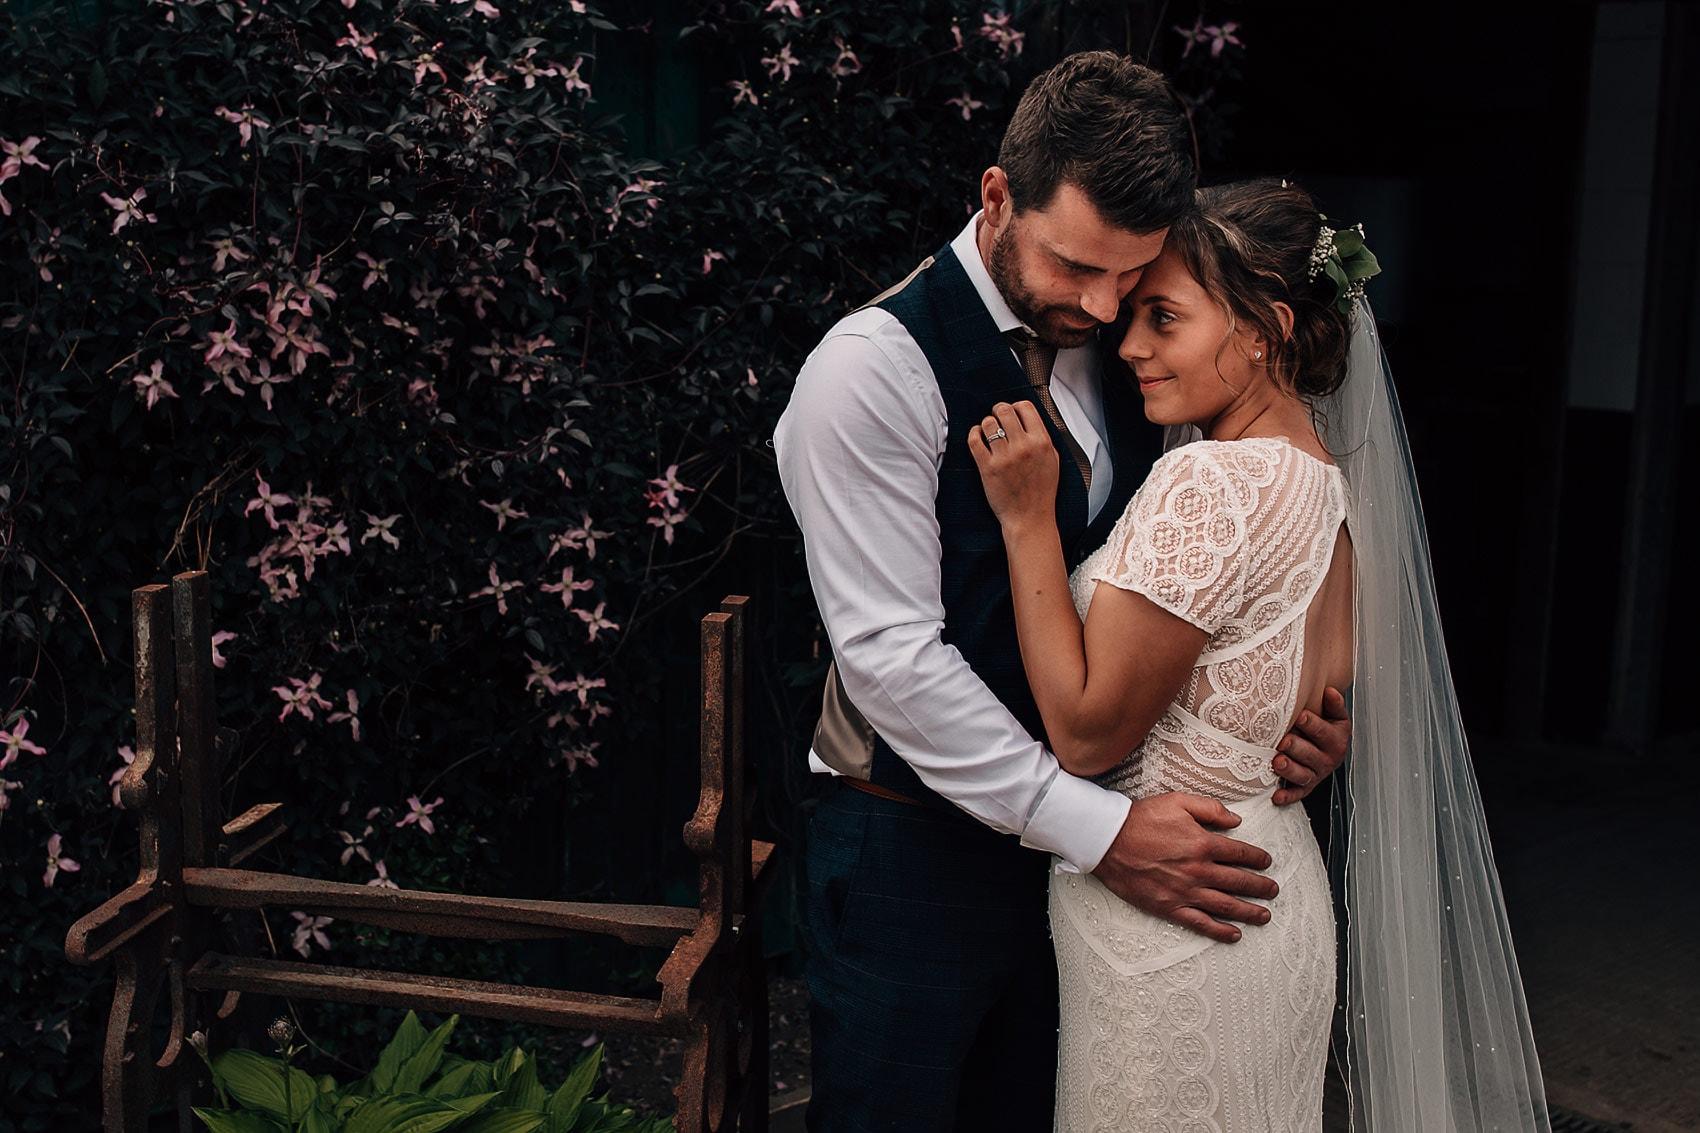 farm wedding dress ideas